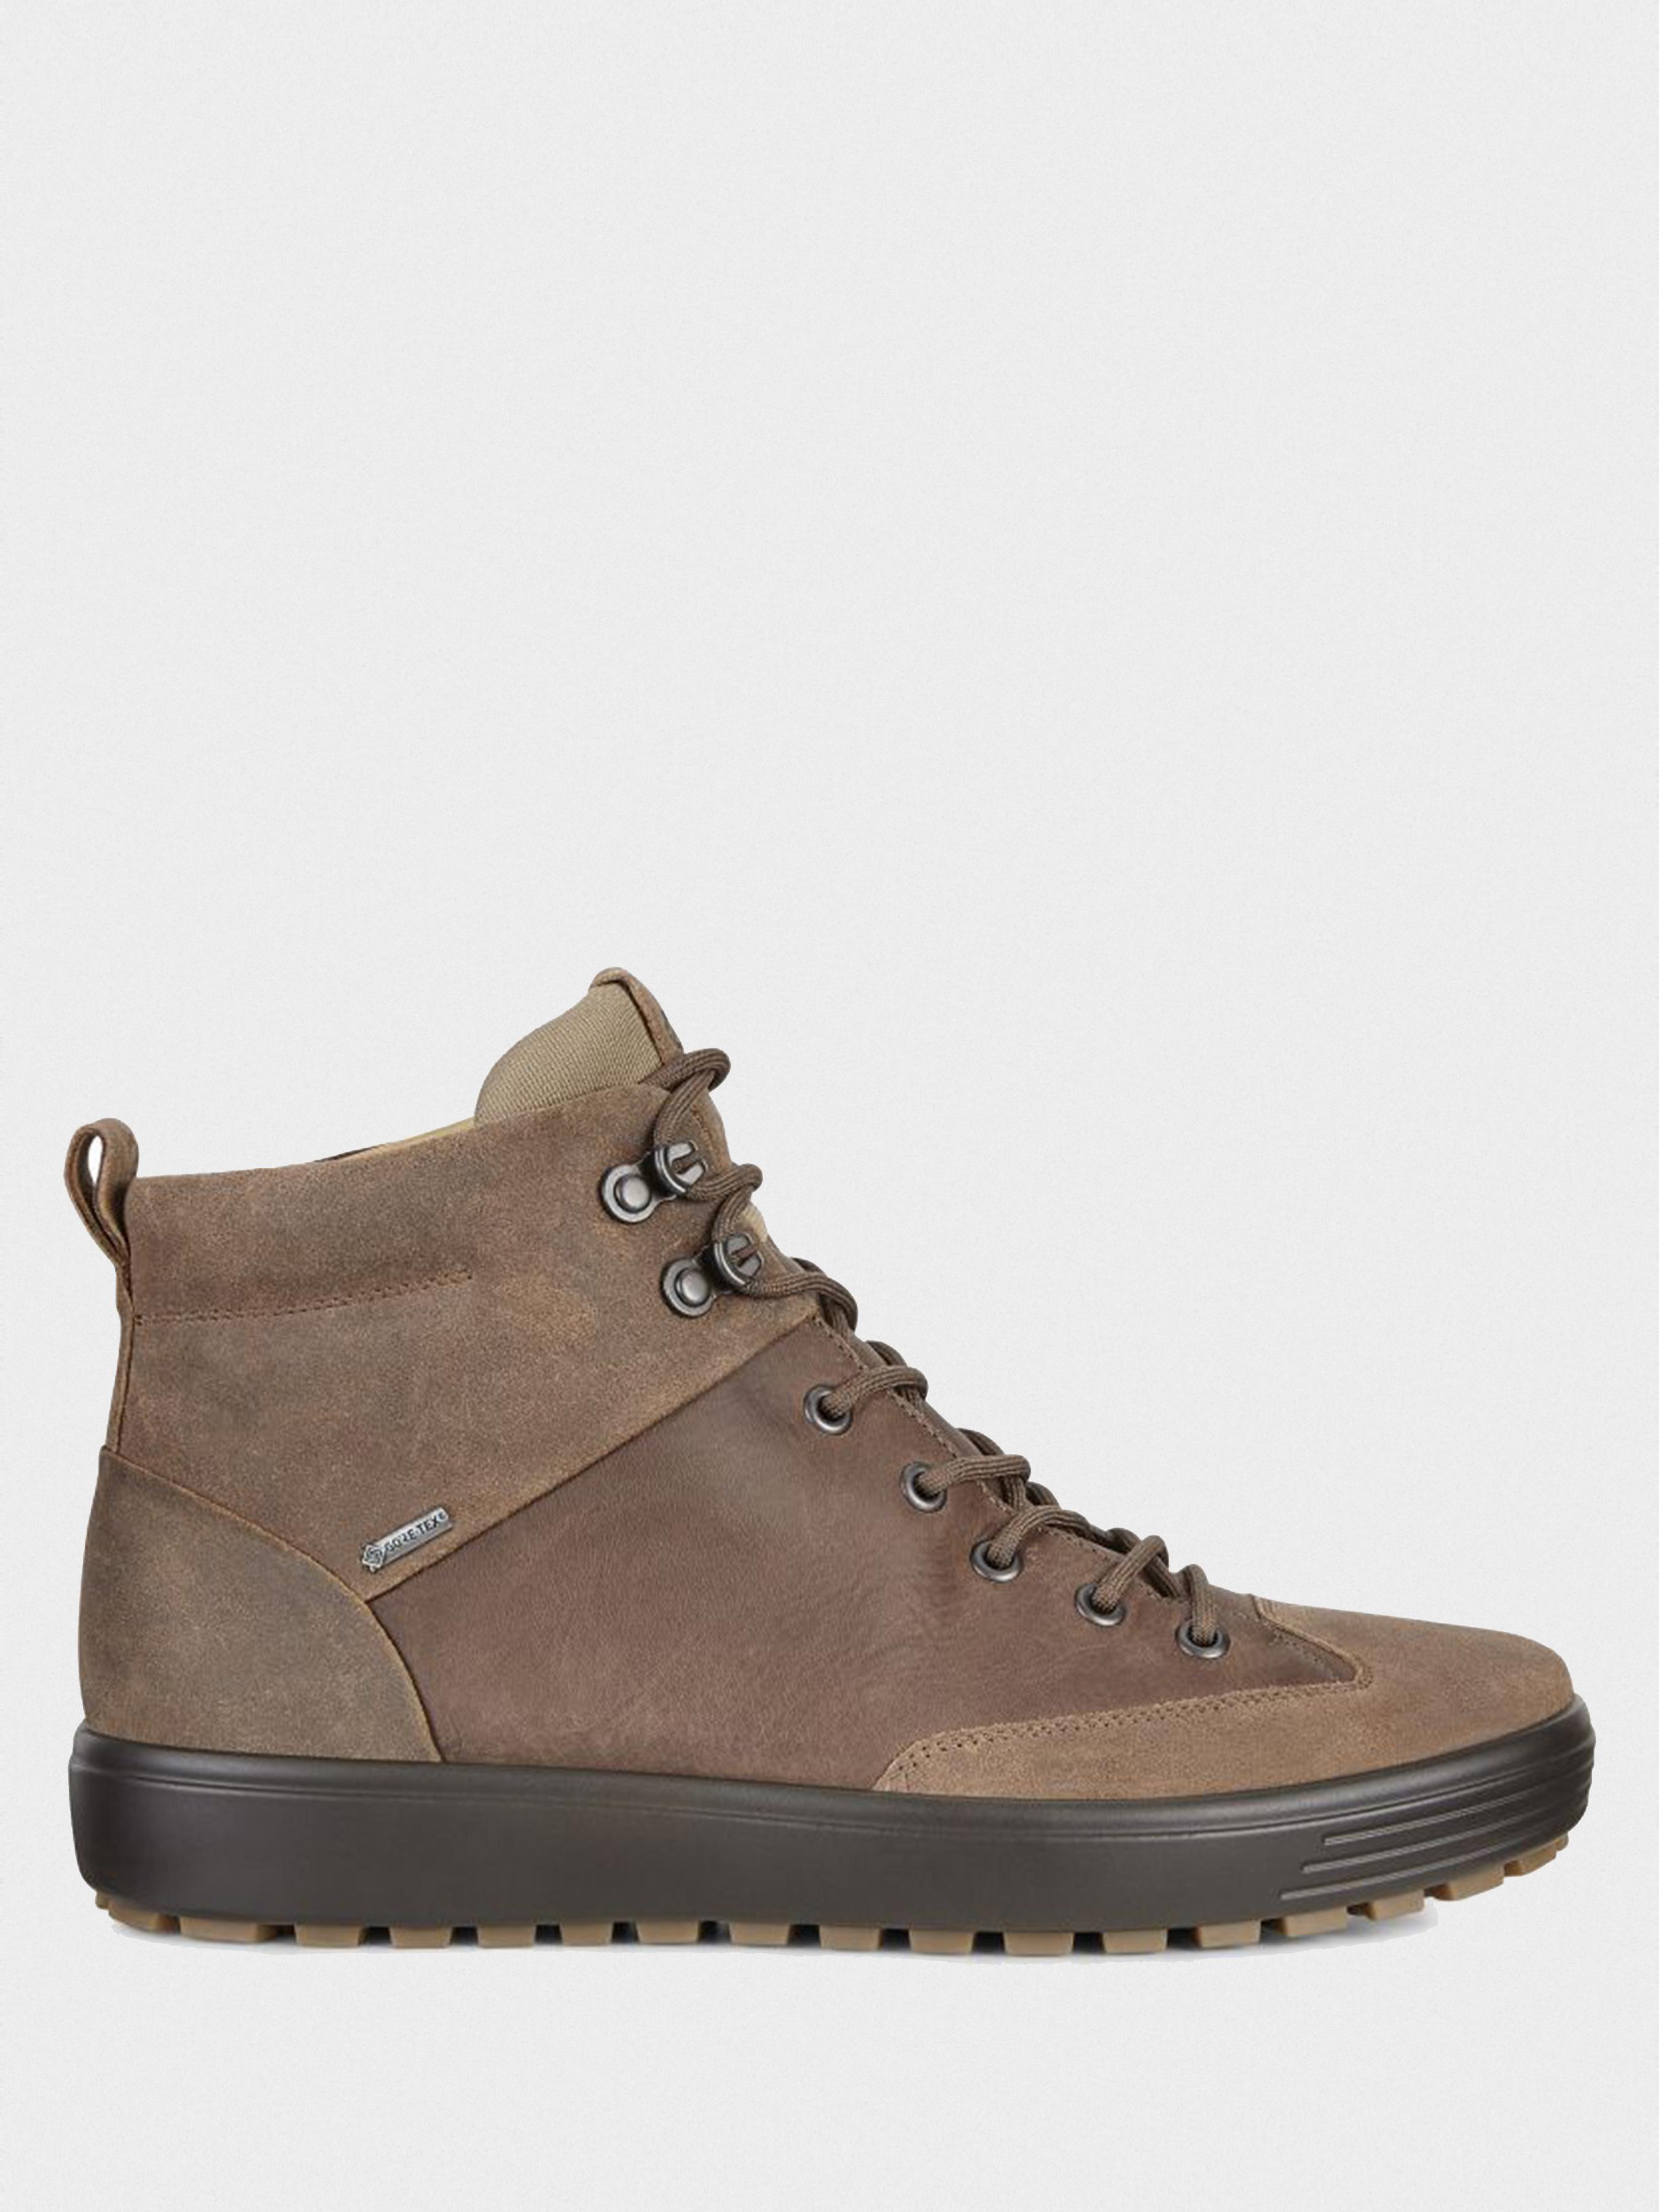 Купить Ботинки мужские ECCO SOFT 7 TRED M ZM4054, Коричневый